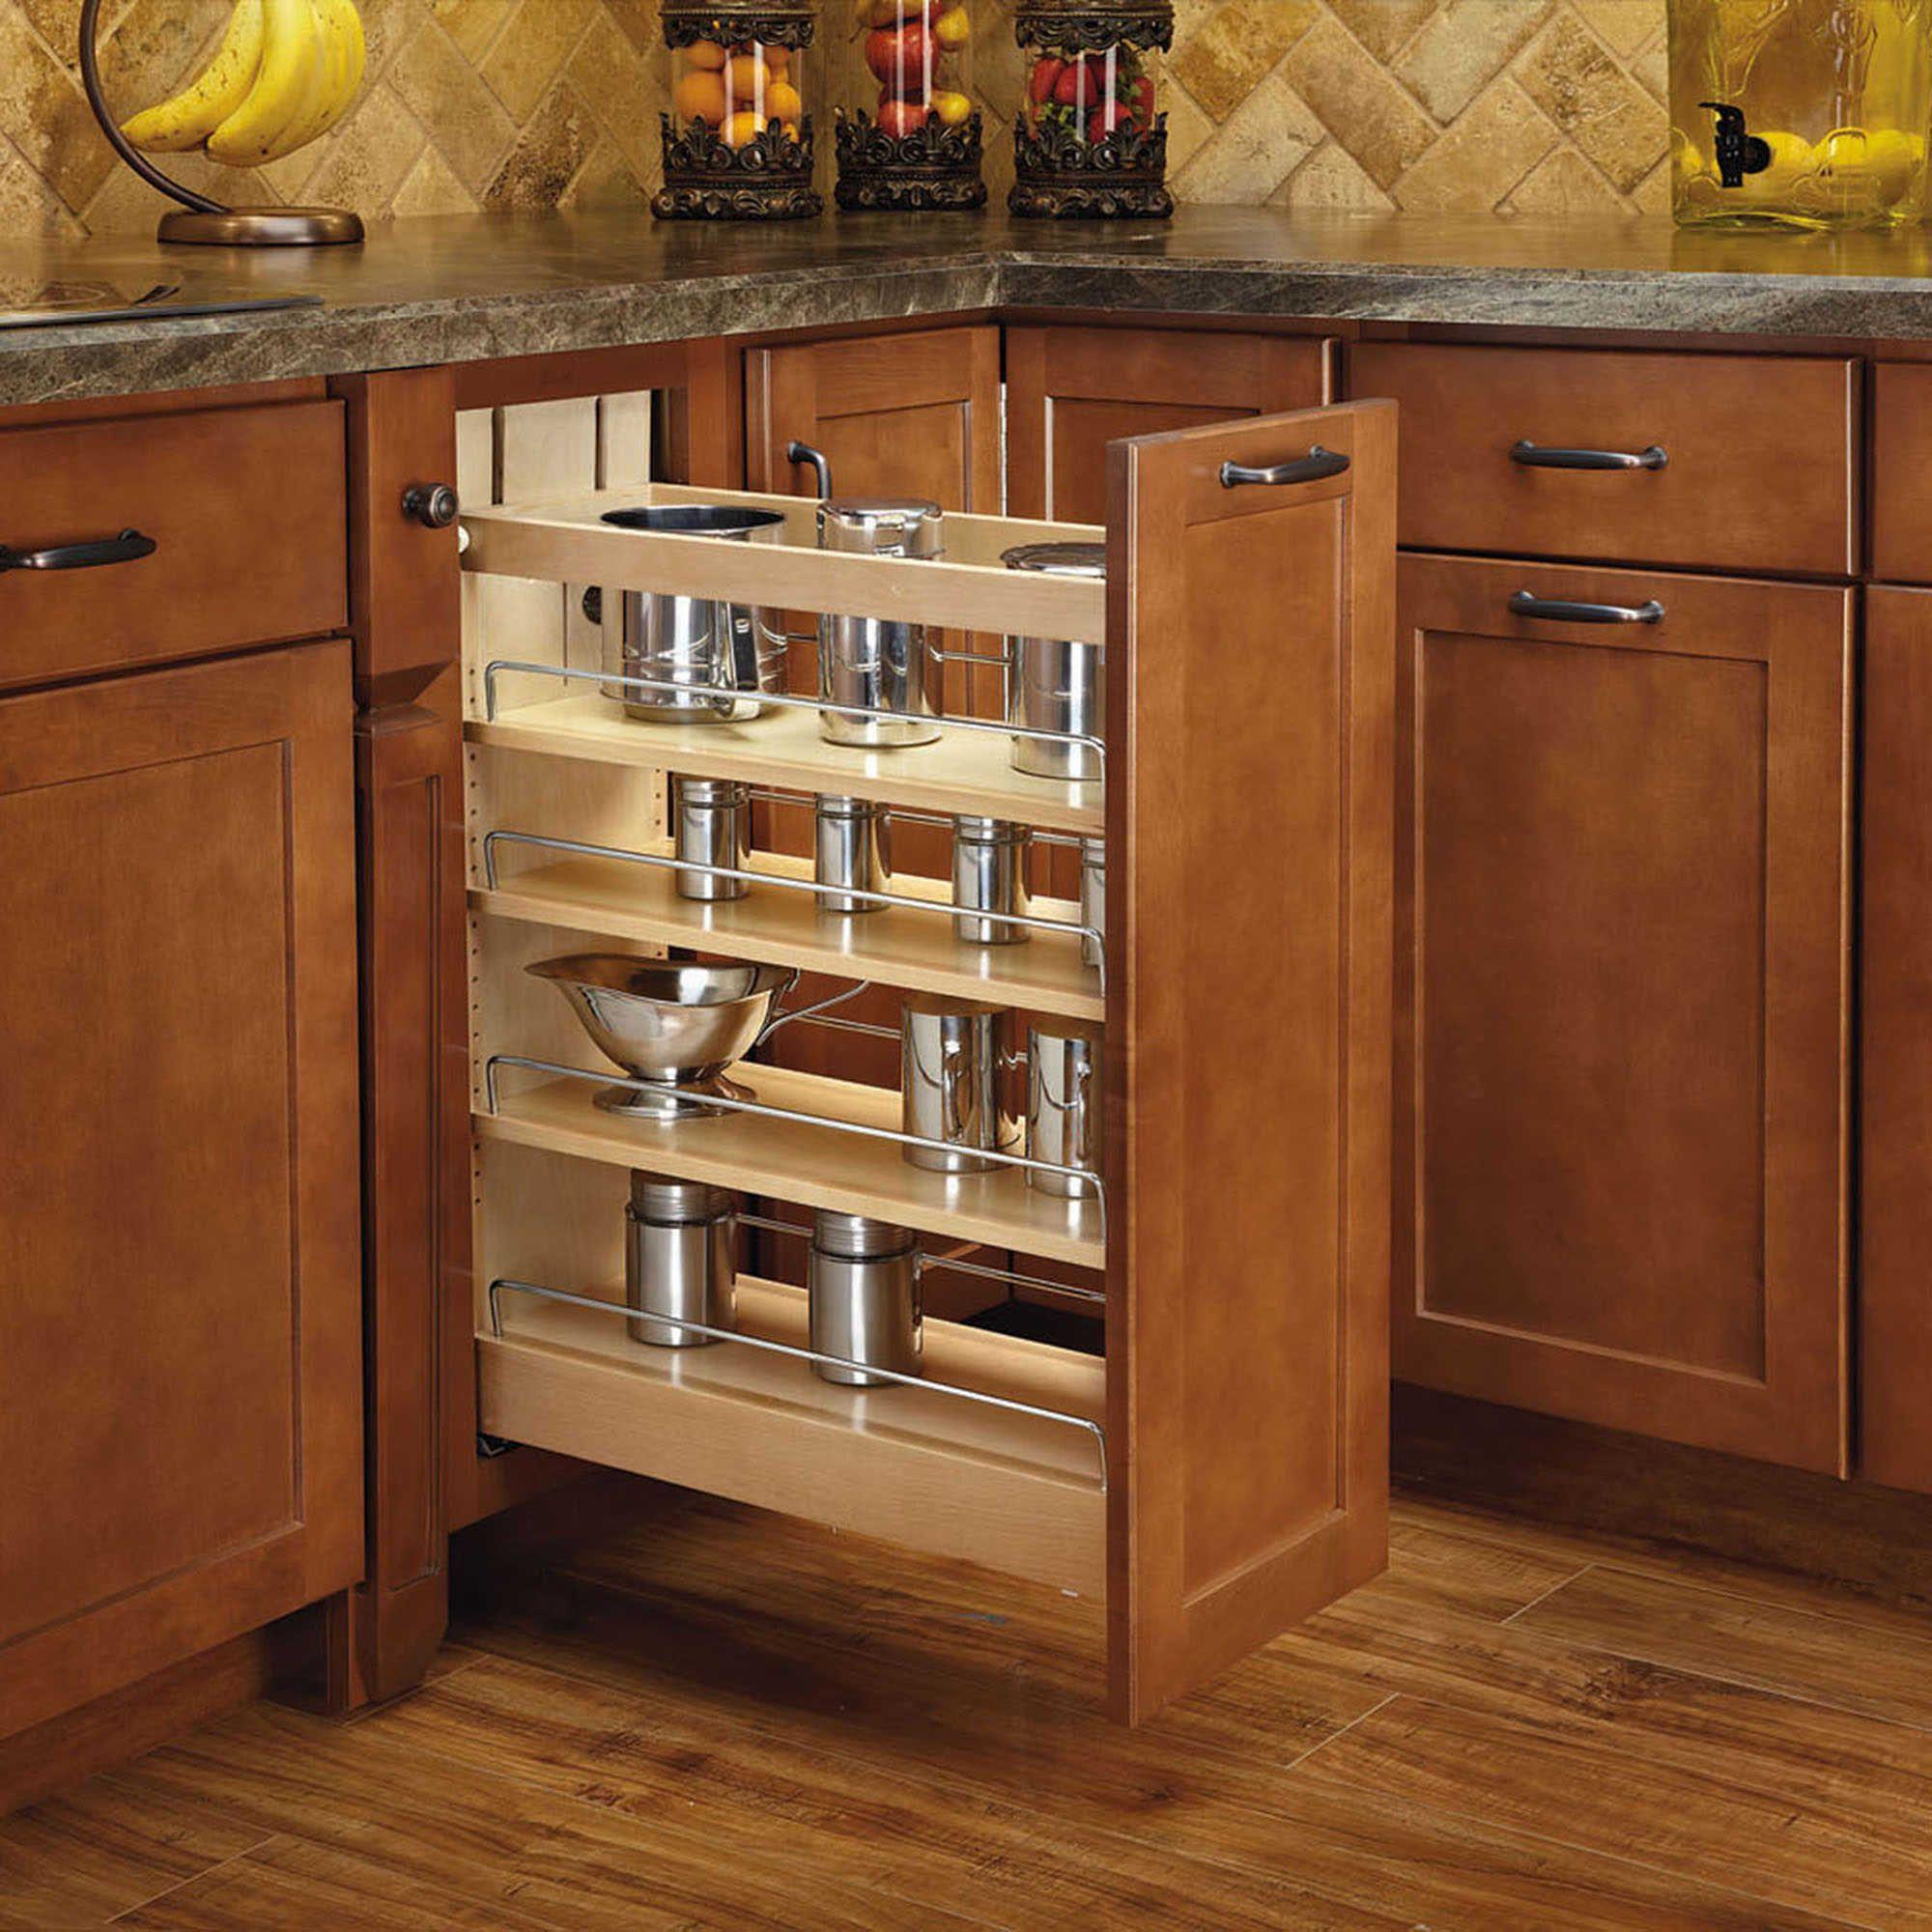 Kitchen Base Cabinets With Drawers Lglimitlessdesign And Contest Unterschrank Kuche Bauernhaus Kuchenschranke